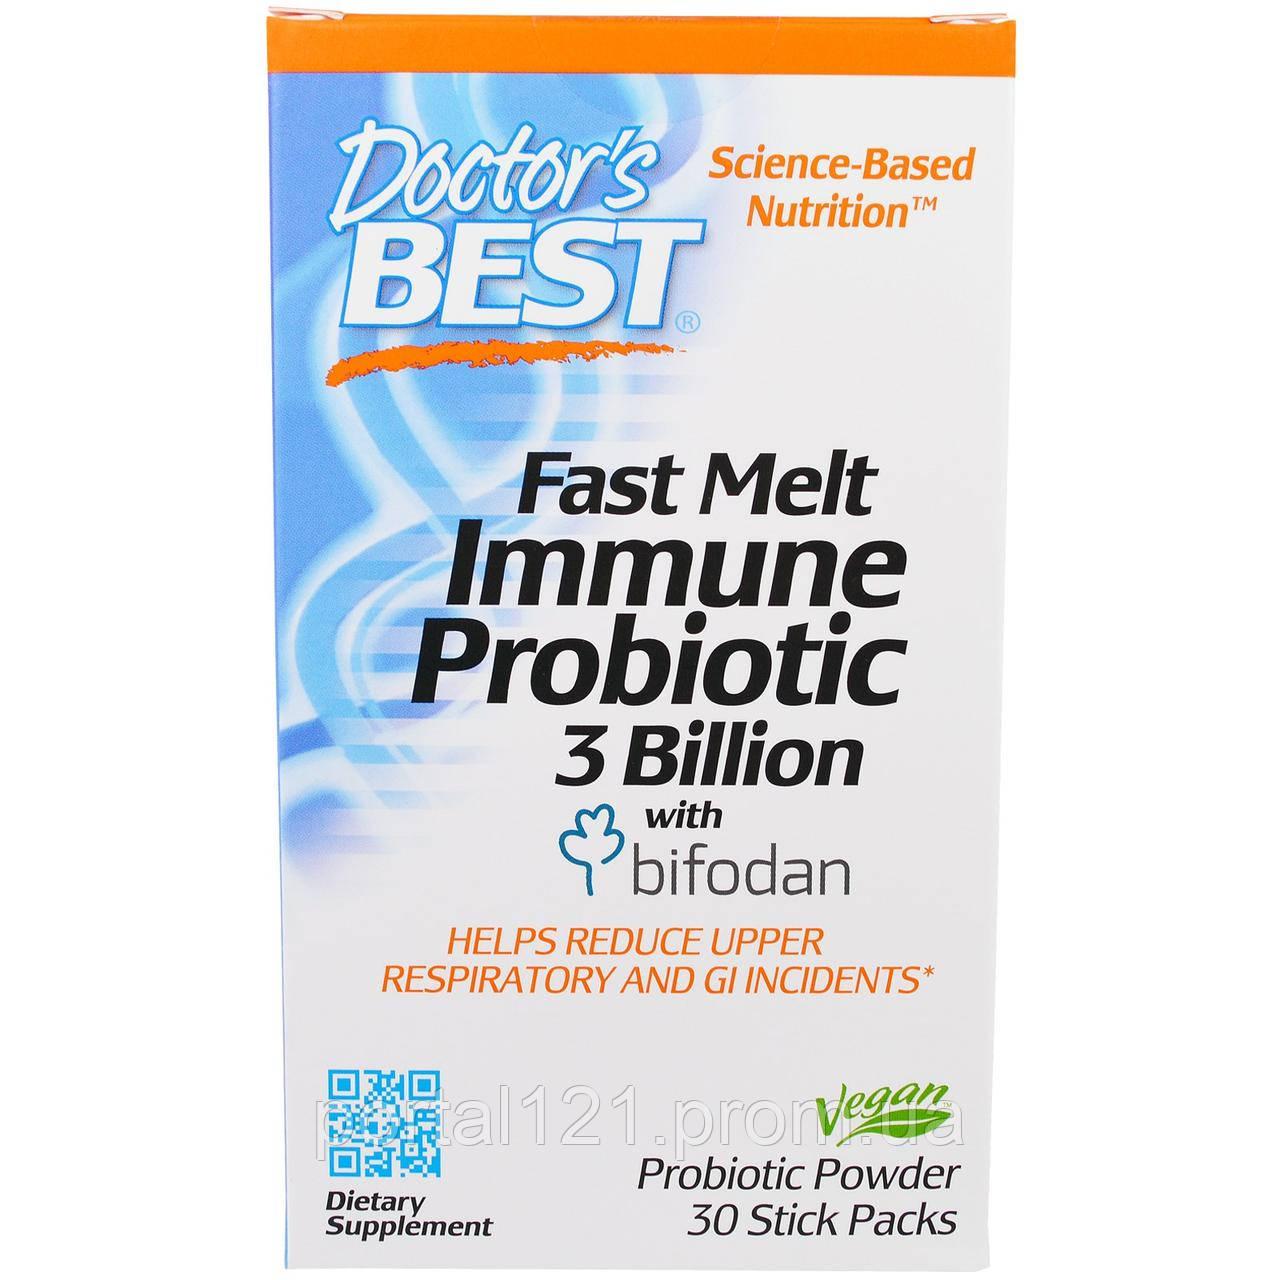 Быстро Растворимый Иммунный Пробиотик, Bifodan, Doctor's Best, 30 стиков